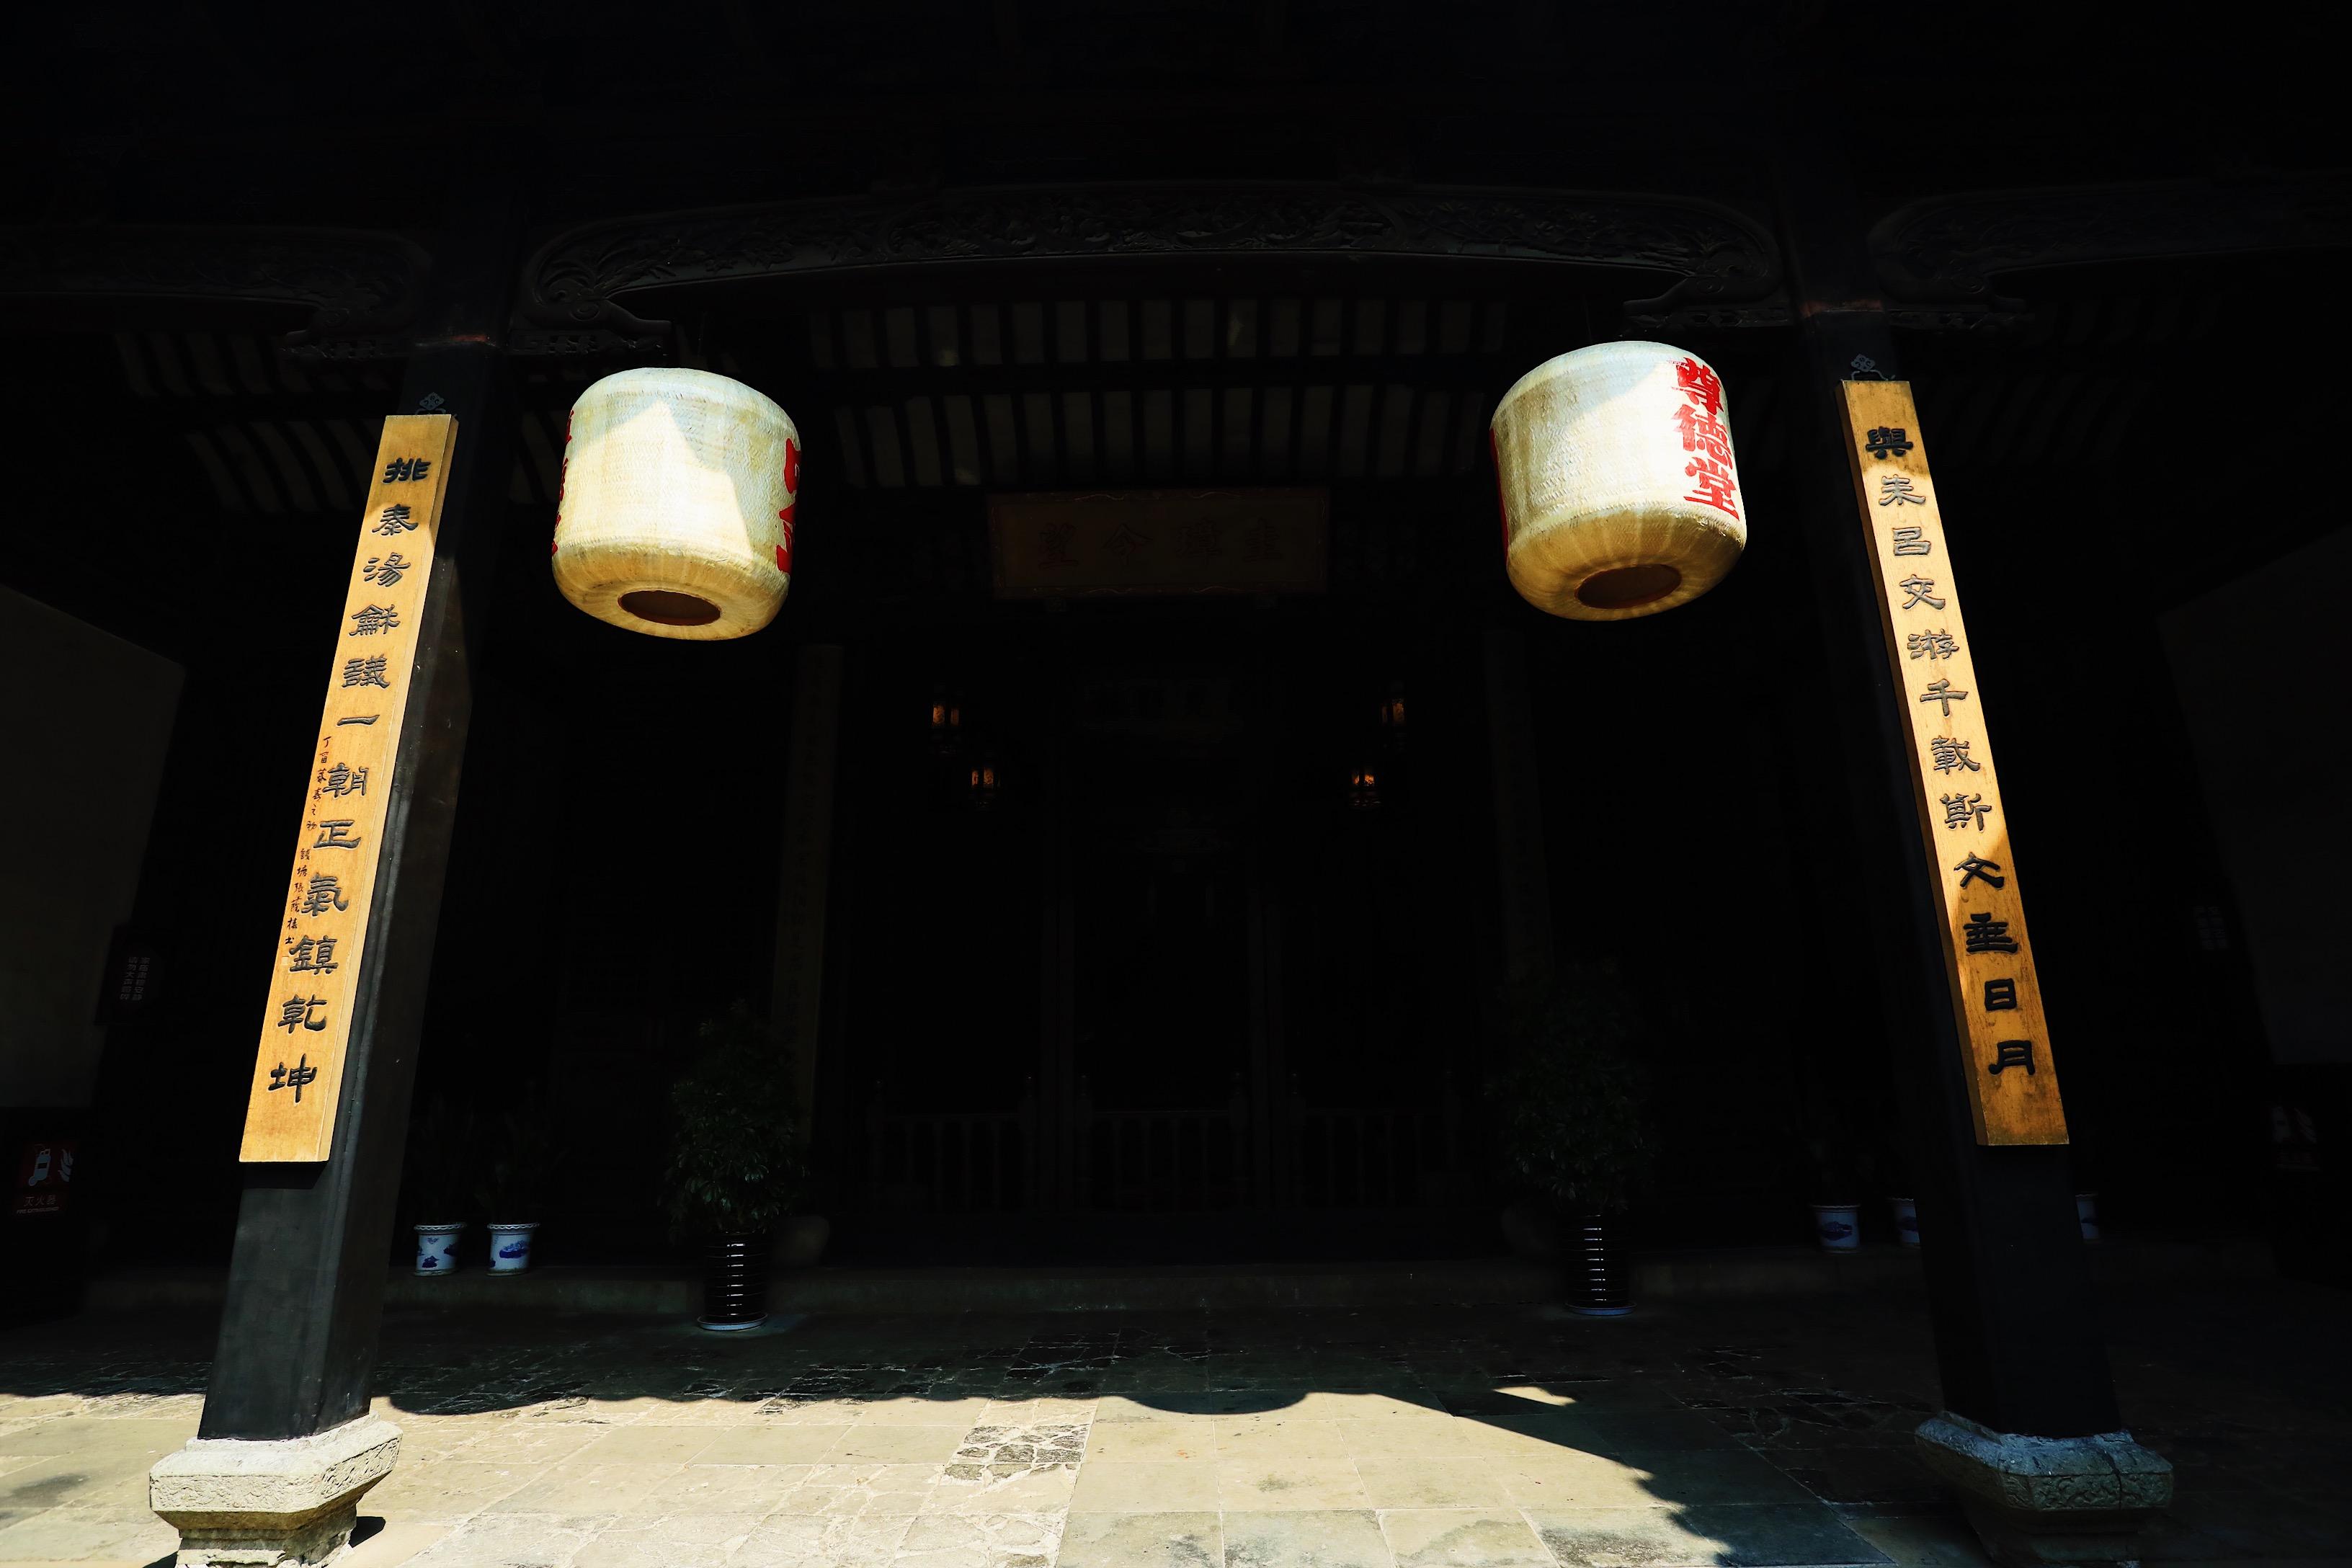 【浔·知】南浔小课堂 | 美景之外,刘家楹联也值得一品!